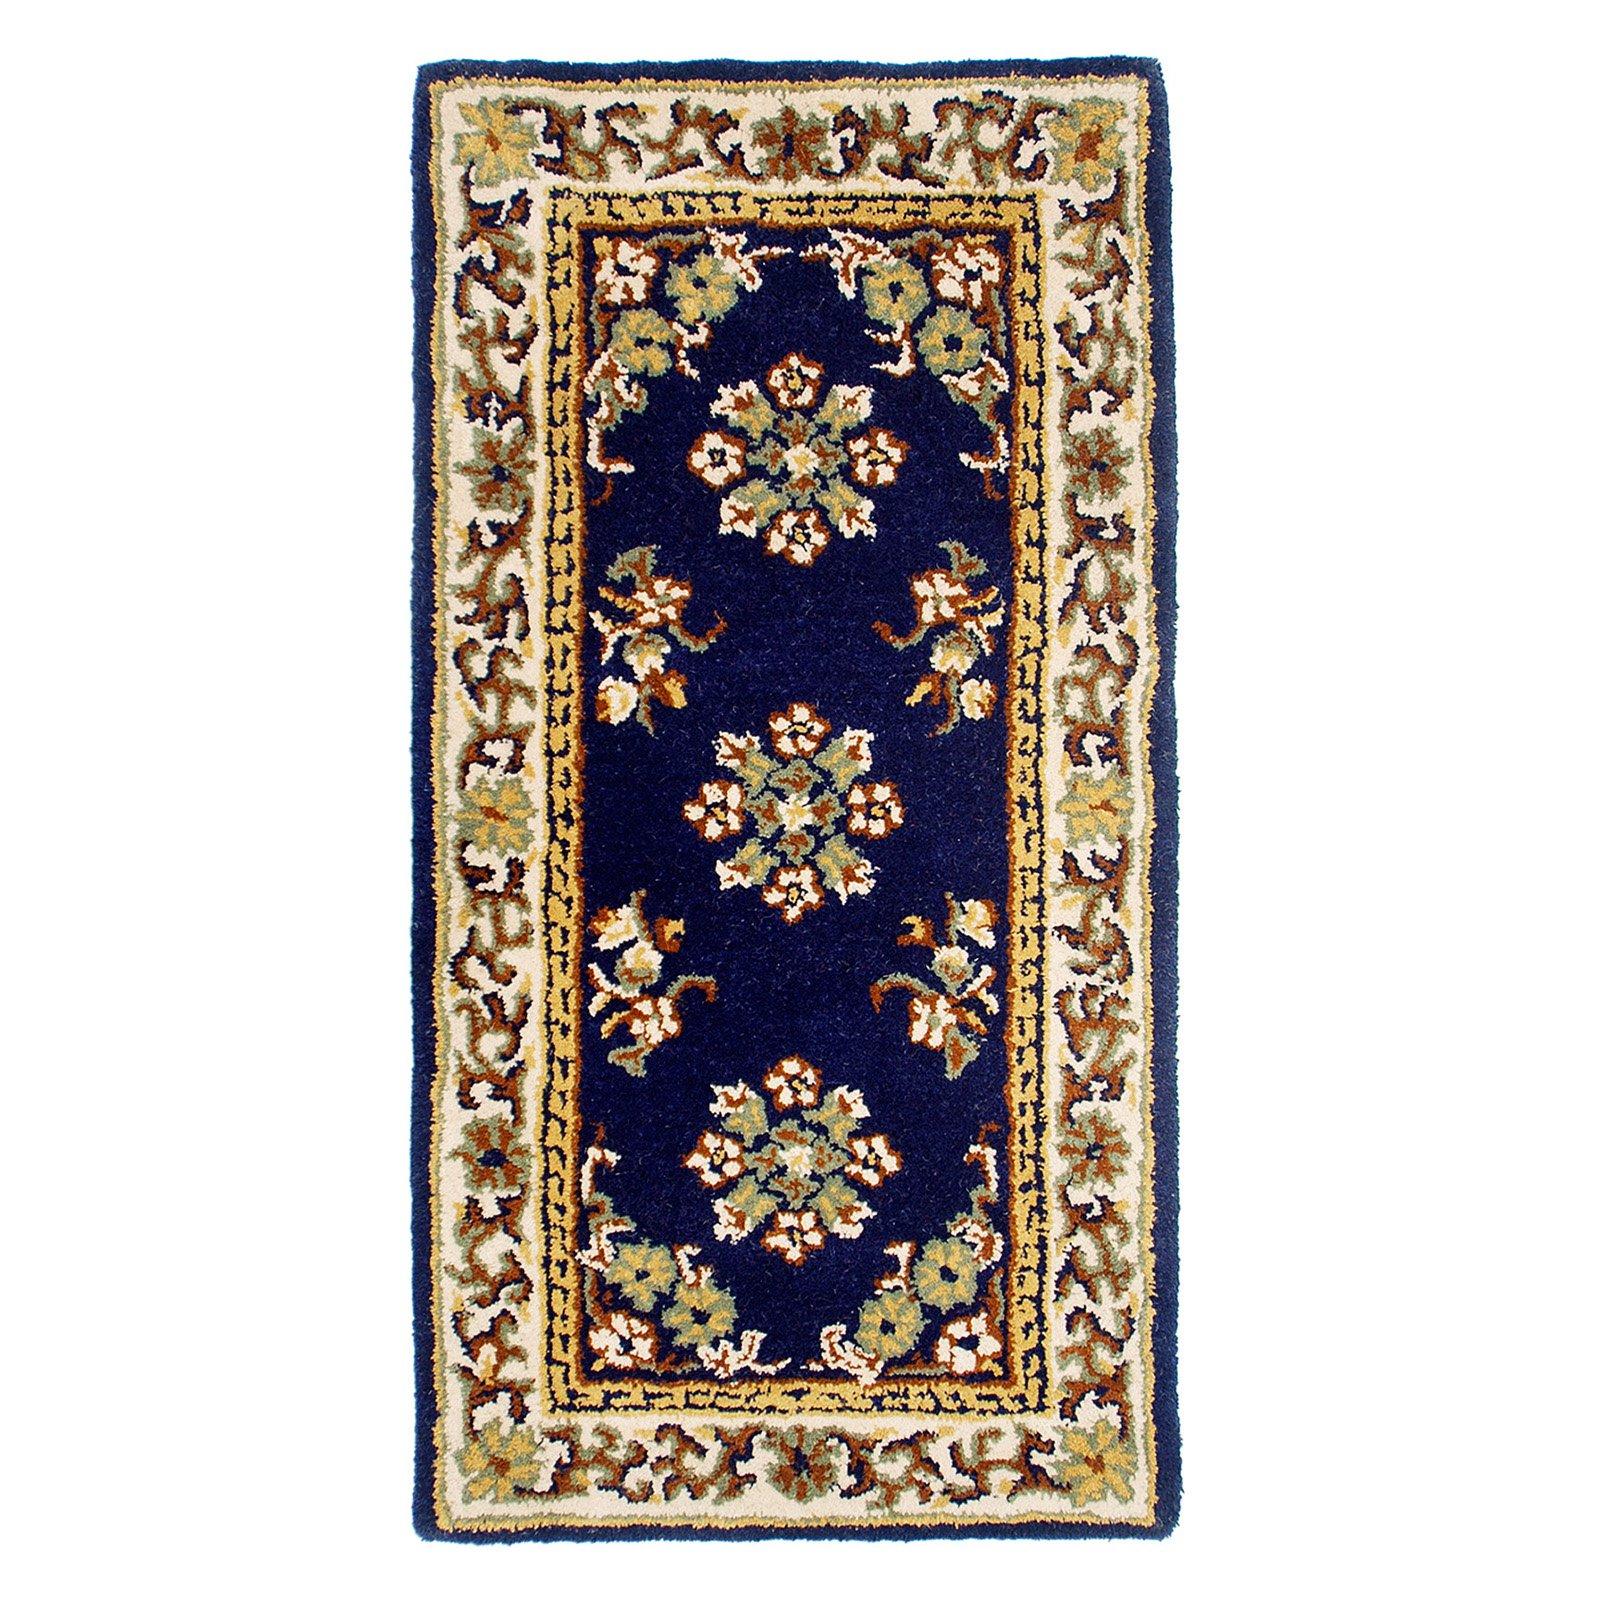 Minuteman International Blue Oriental Hearth Rug by Minuteman/Achla Designs